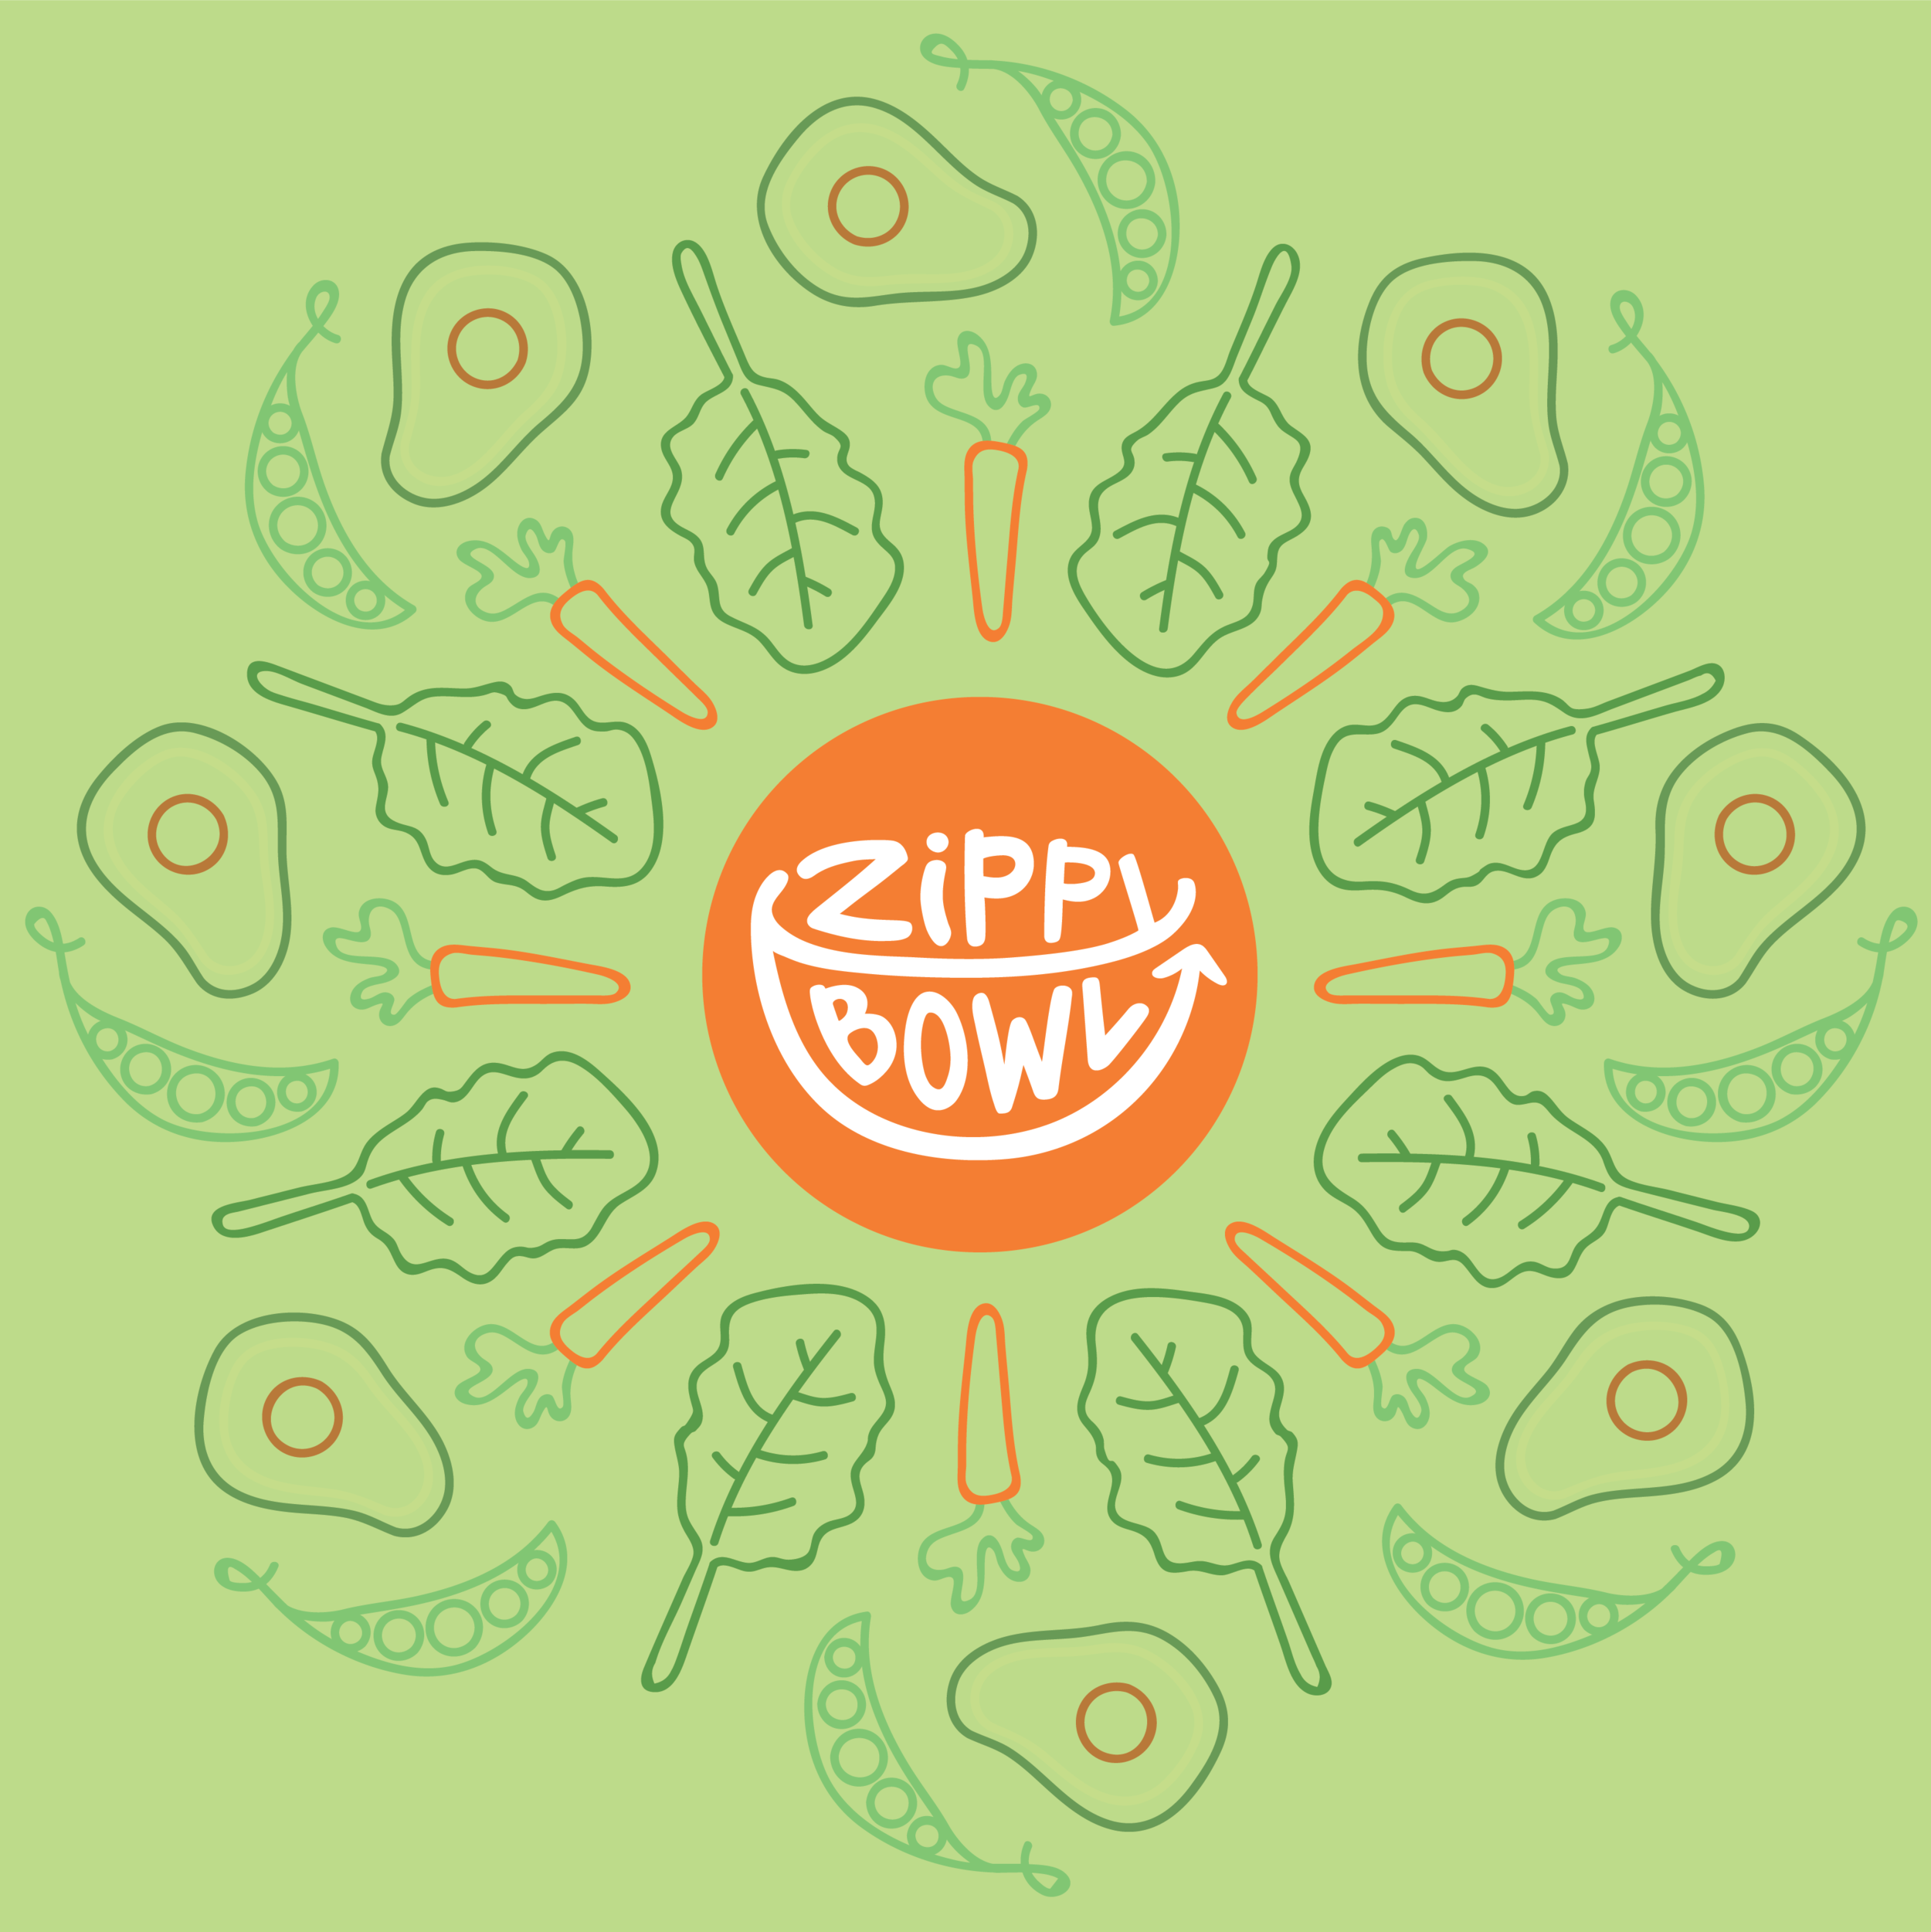 Zippybowl_Insta.png